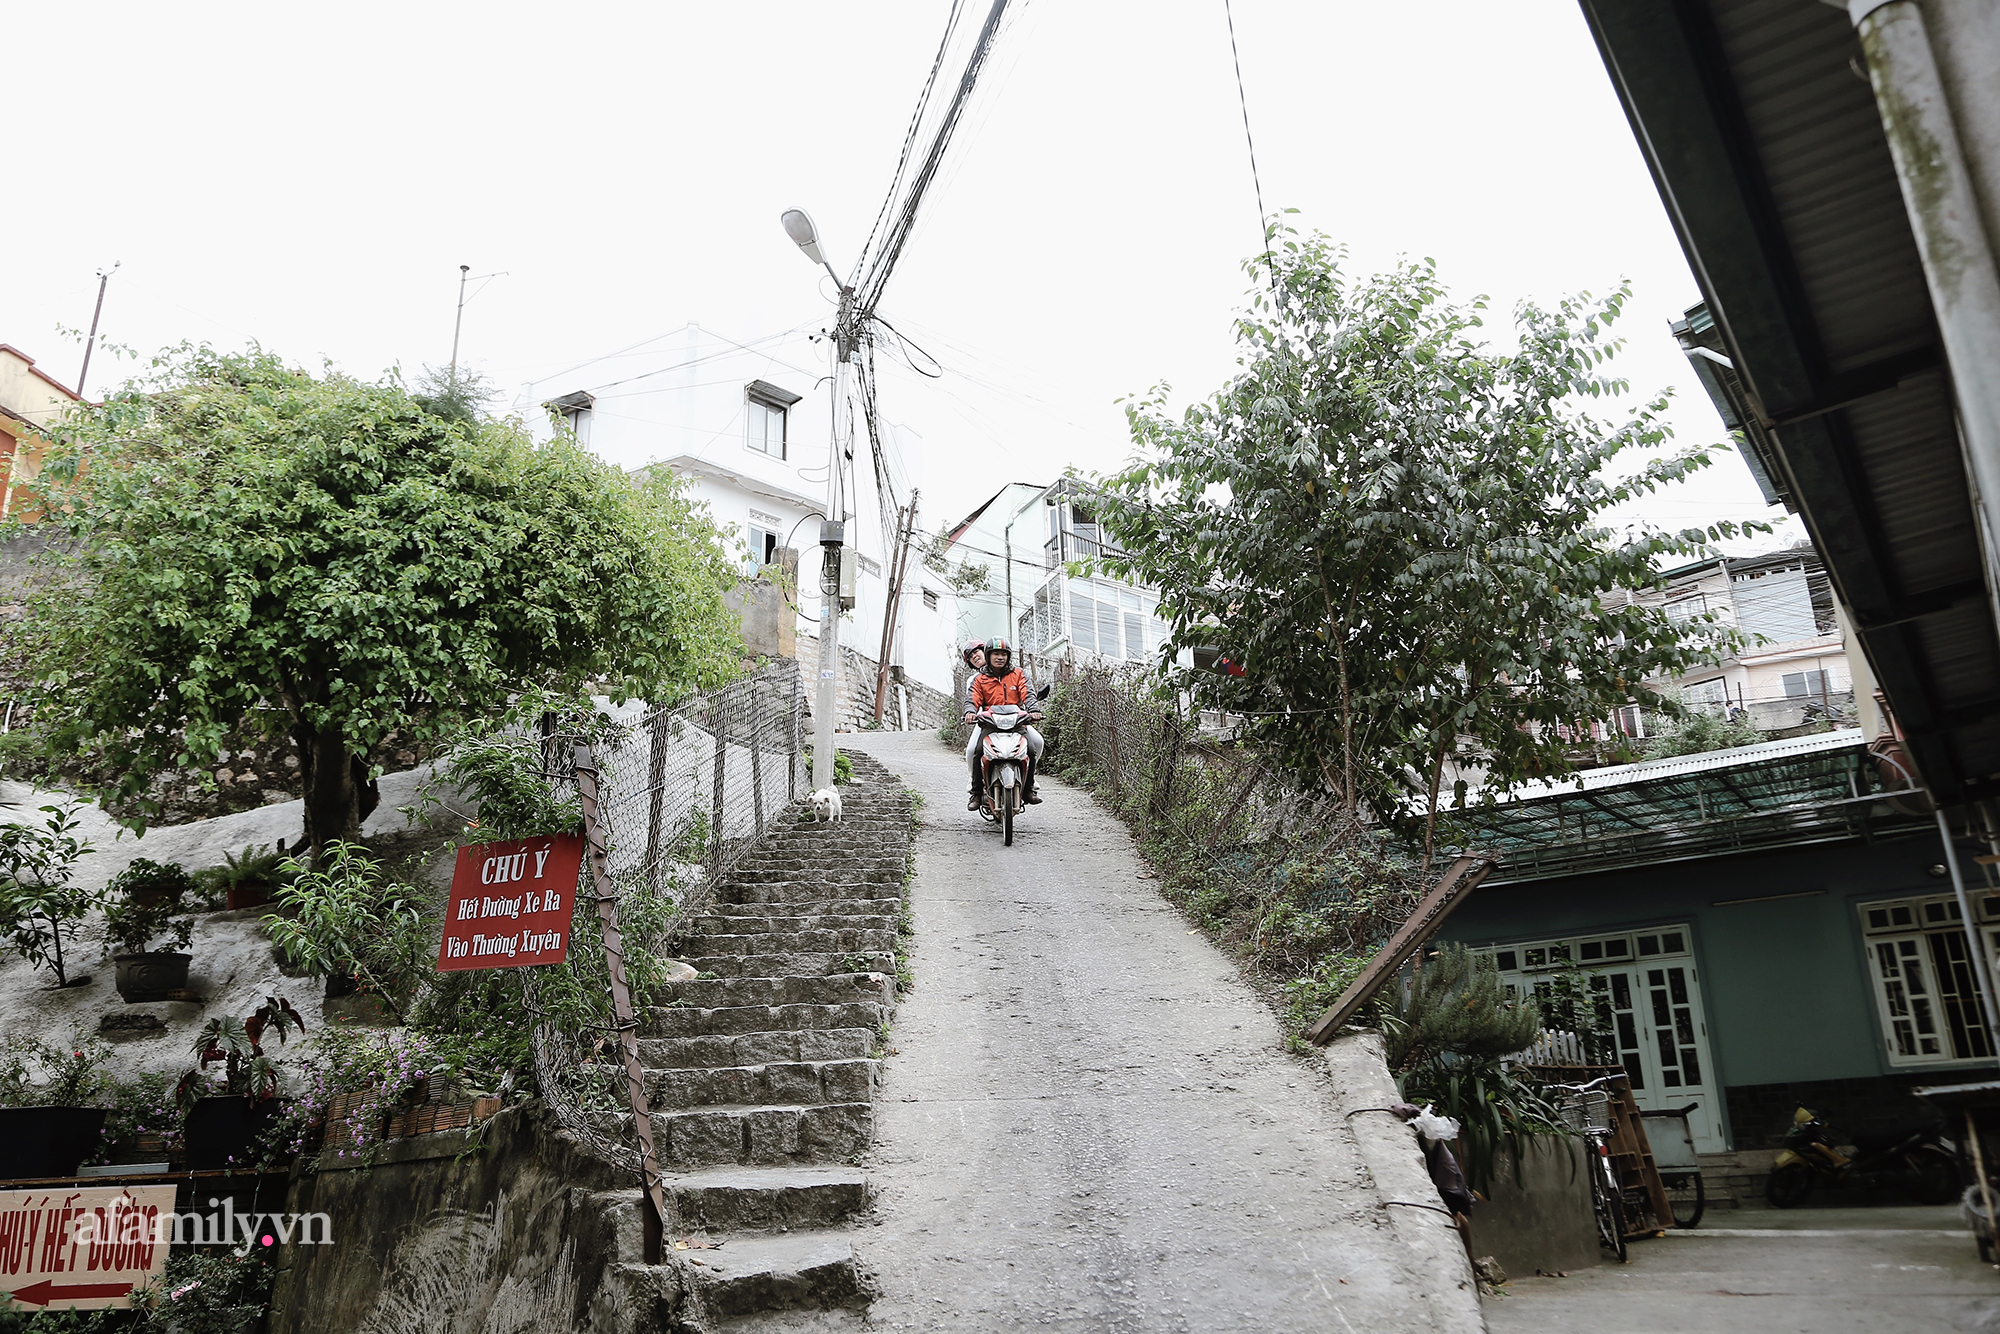 """Trải nghiệm thực tế với 1001 cảm xúc tại con dốc nổi tiếng nguy hiểm nhất tại Đà Lạt, té sấp mặt, """"la làng"""" vì sợ là hoàn toàn có thật! - Ảnh 14."""